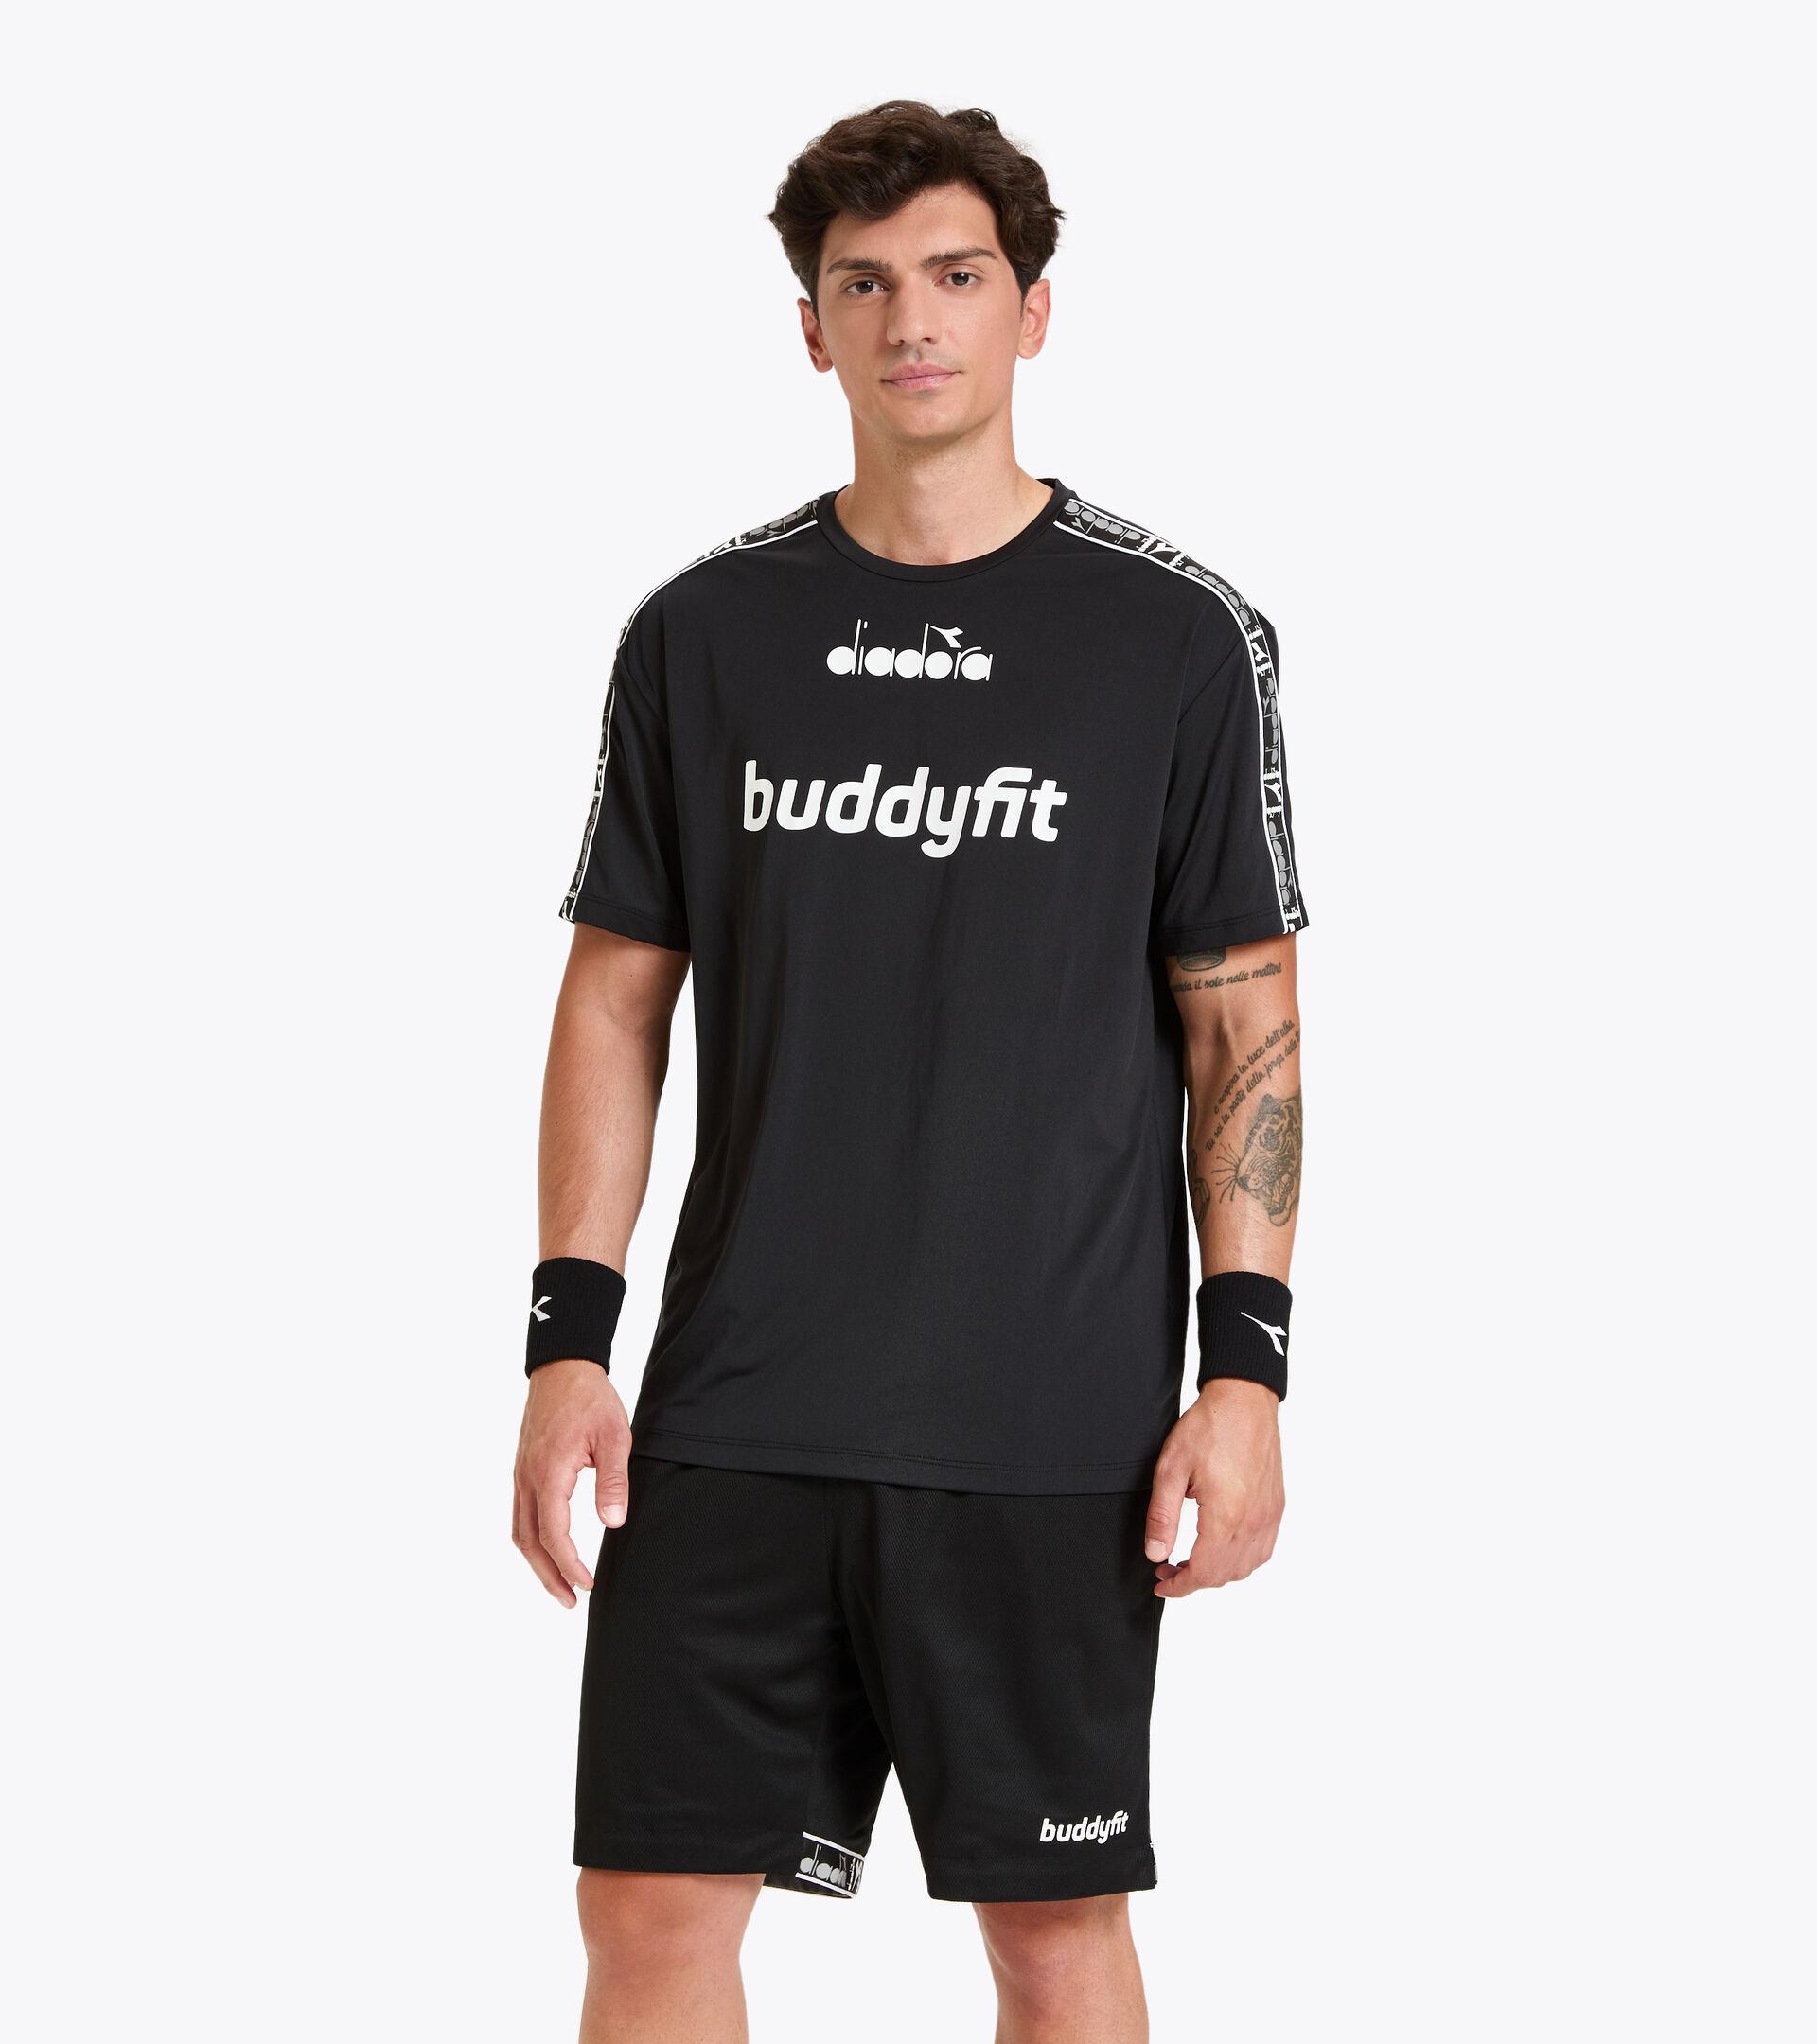 Workout-T-Shirt für Herren SS T-SHIRT BUDDYFIT SCHWARZ - Diadora